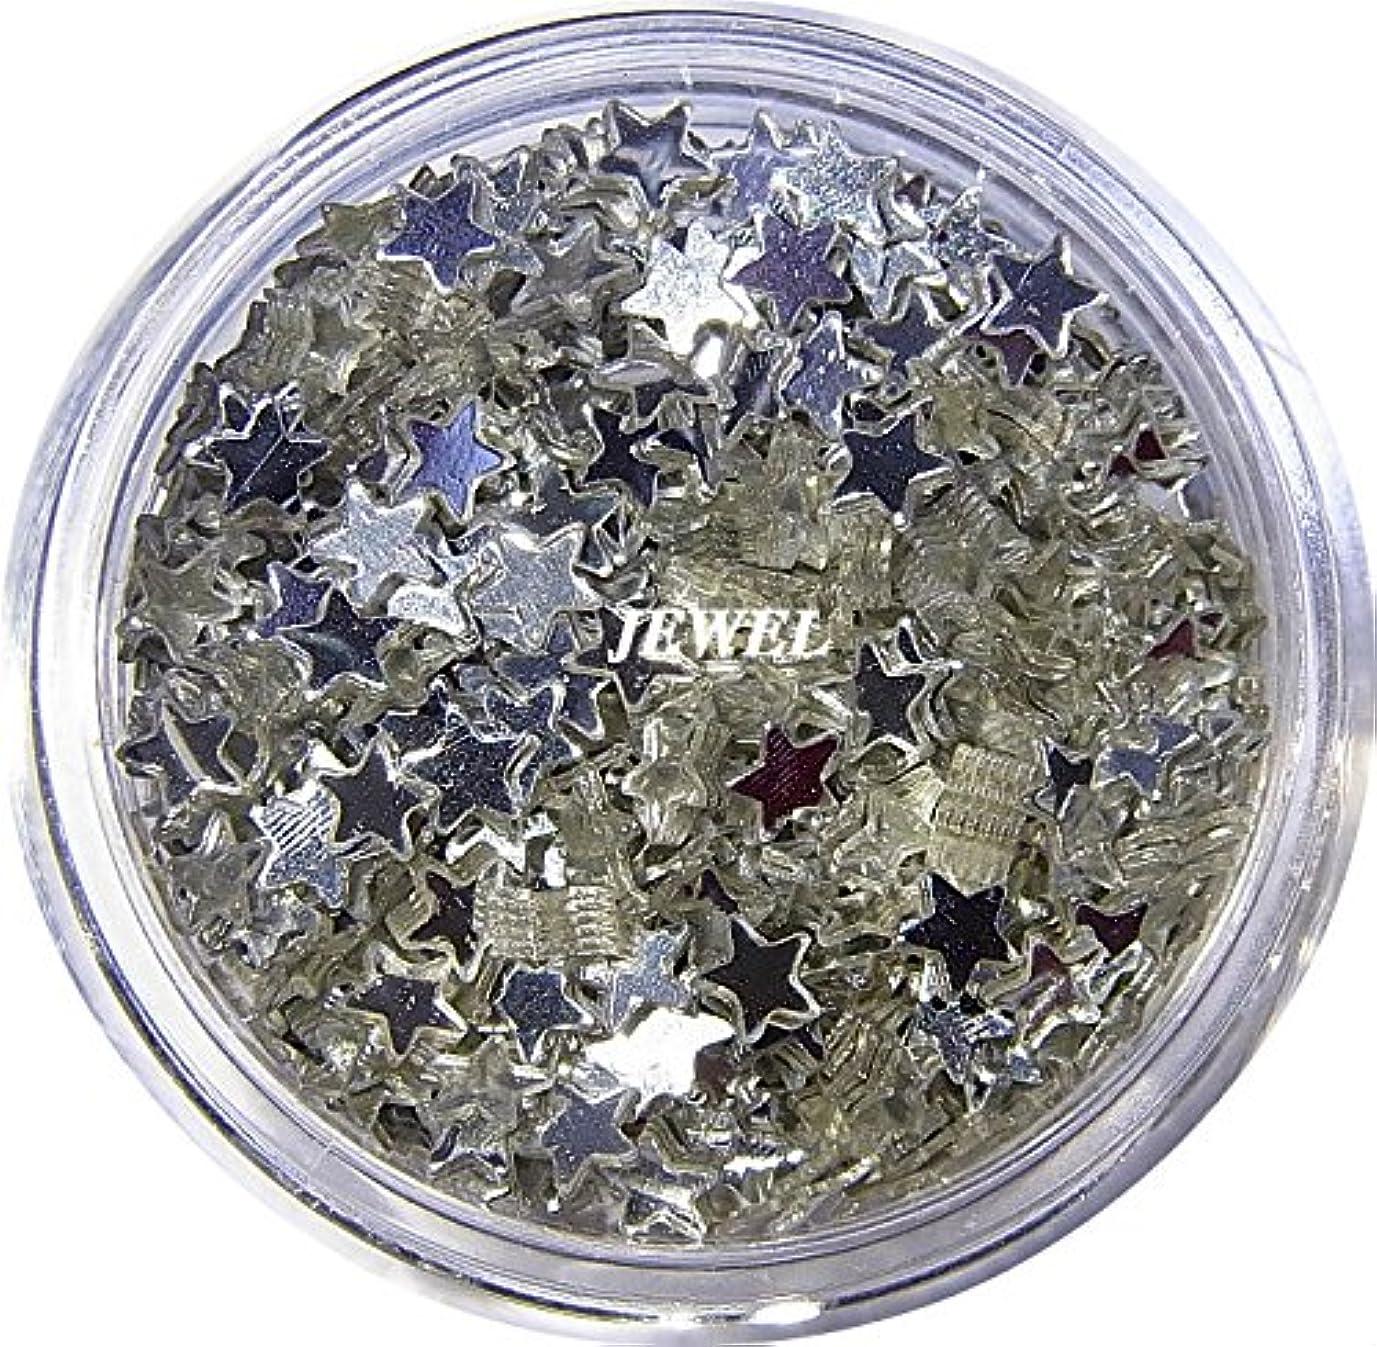 止まるホステル締める【jewel】 星ホログラム 2.5mm シルバー スター 2g入り レジン&ネイル用